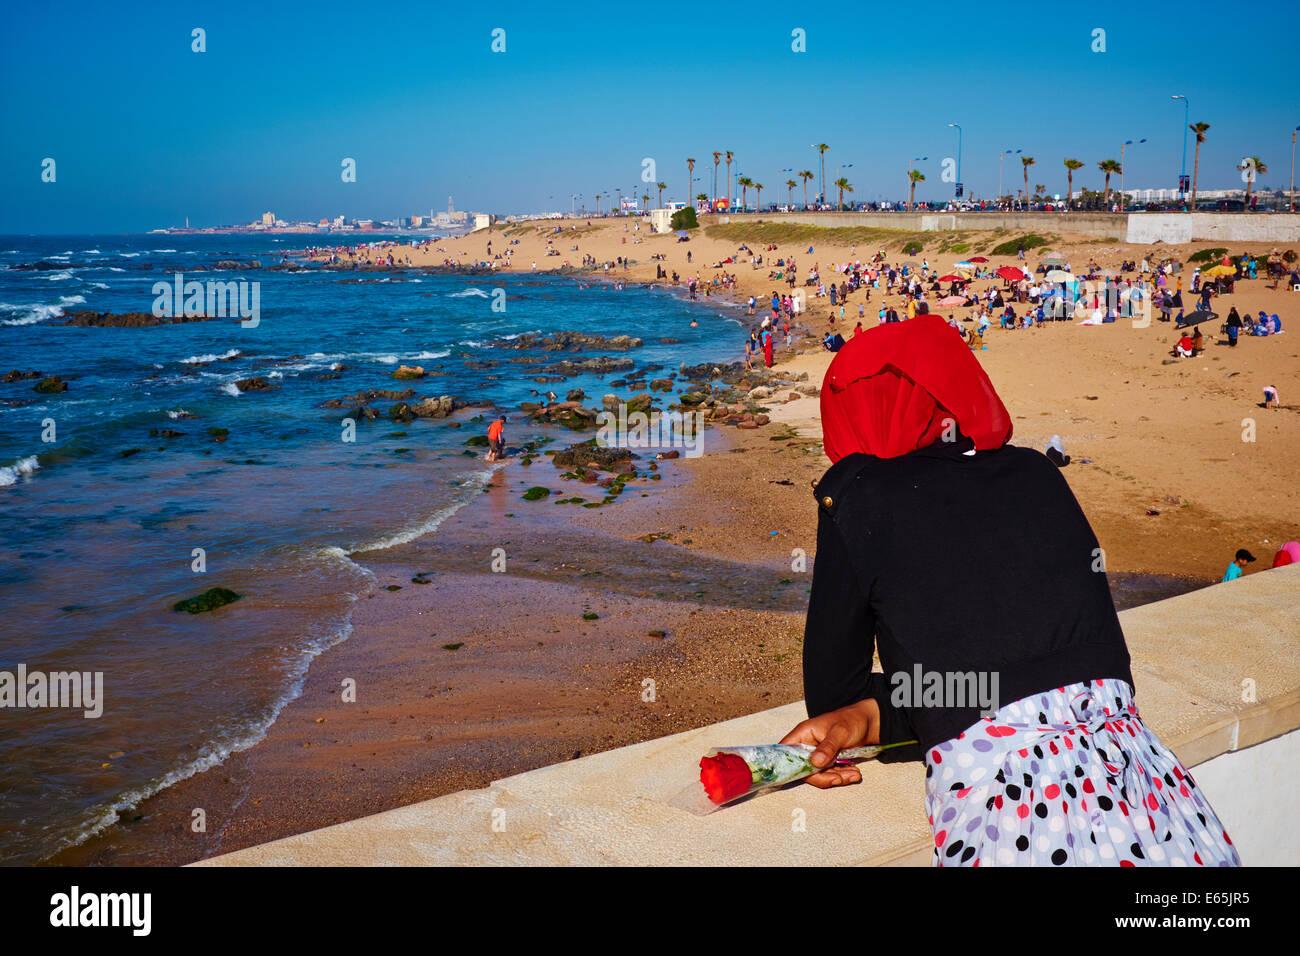 Maroc Casablanca La Plage De Ain Diab Banque Dimages